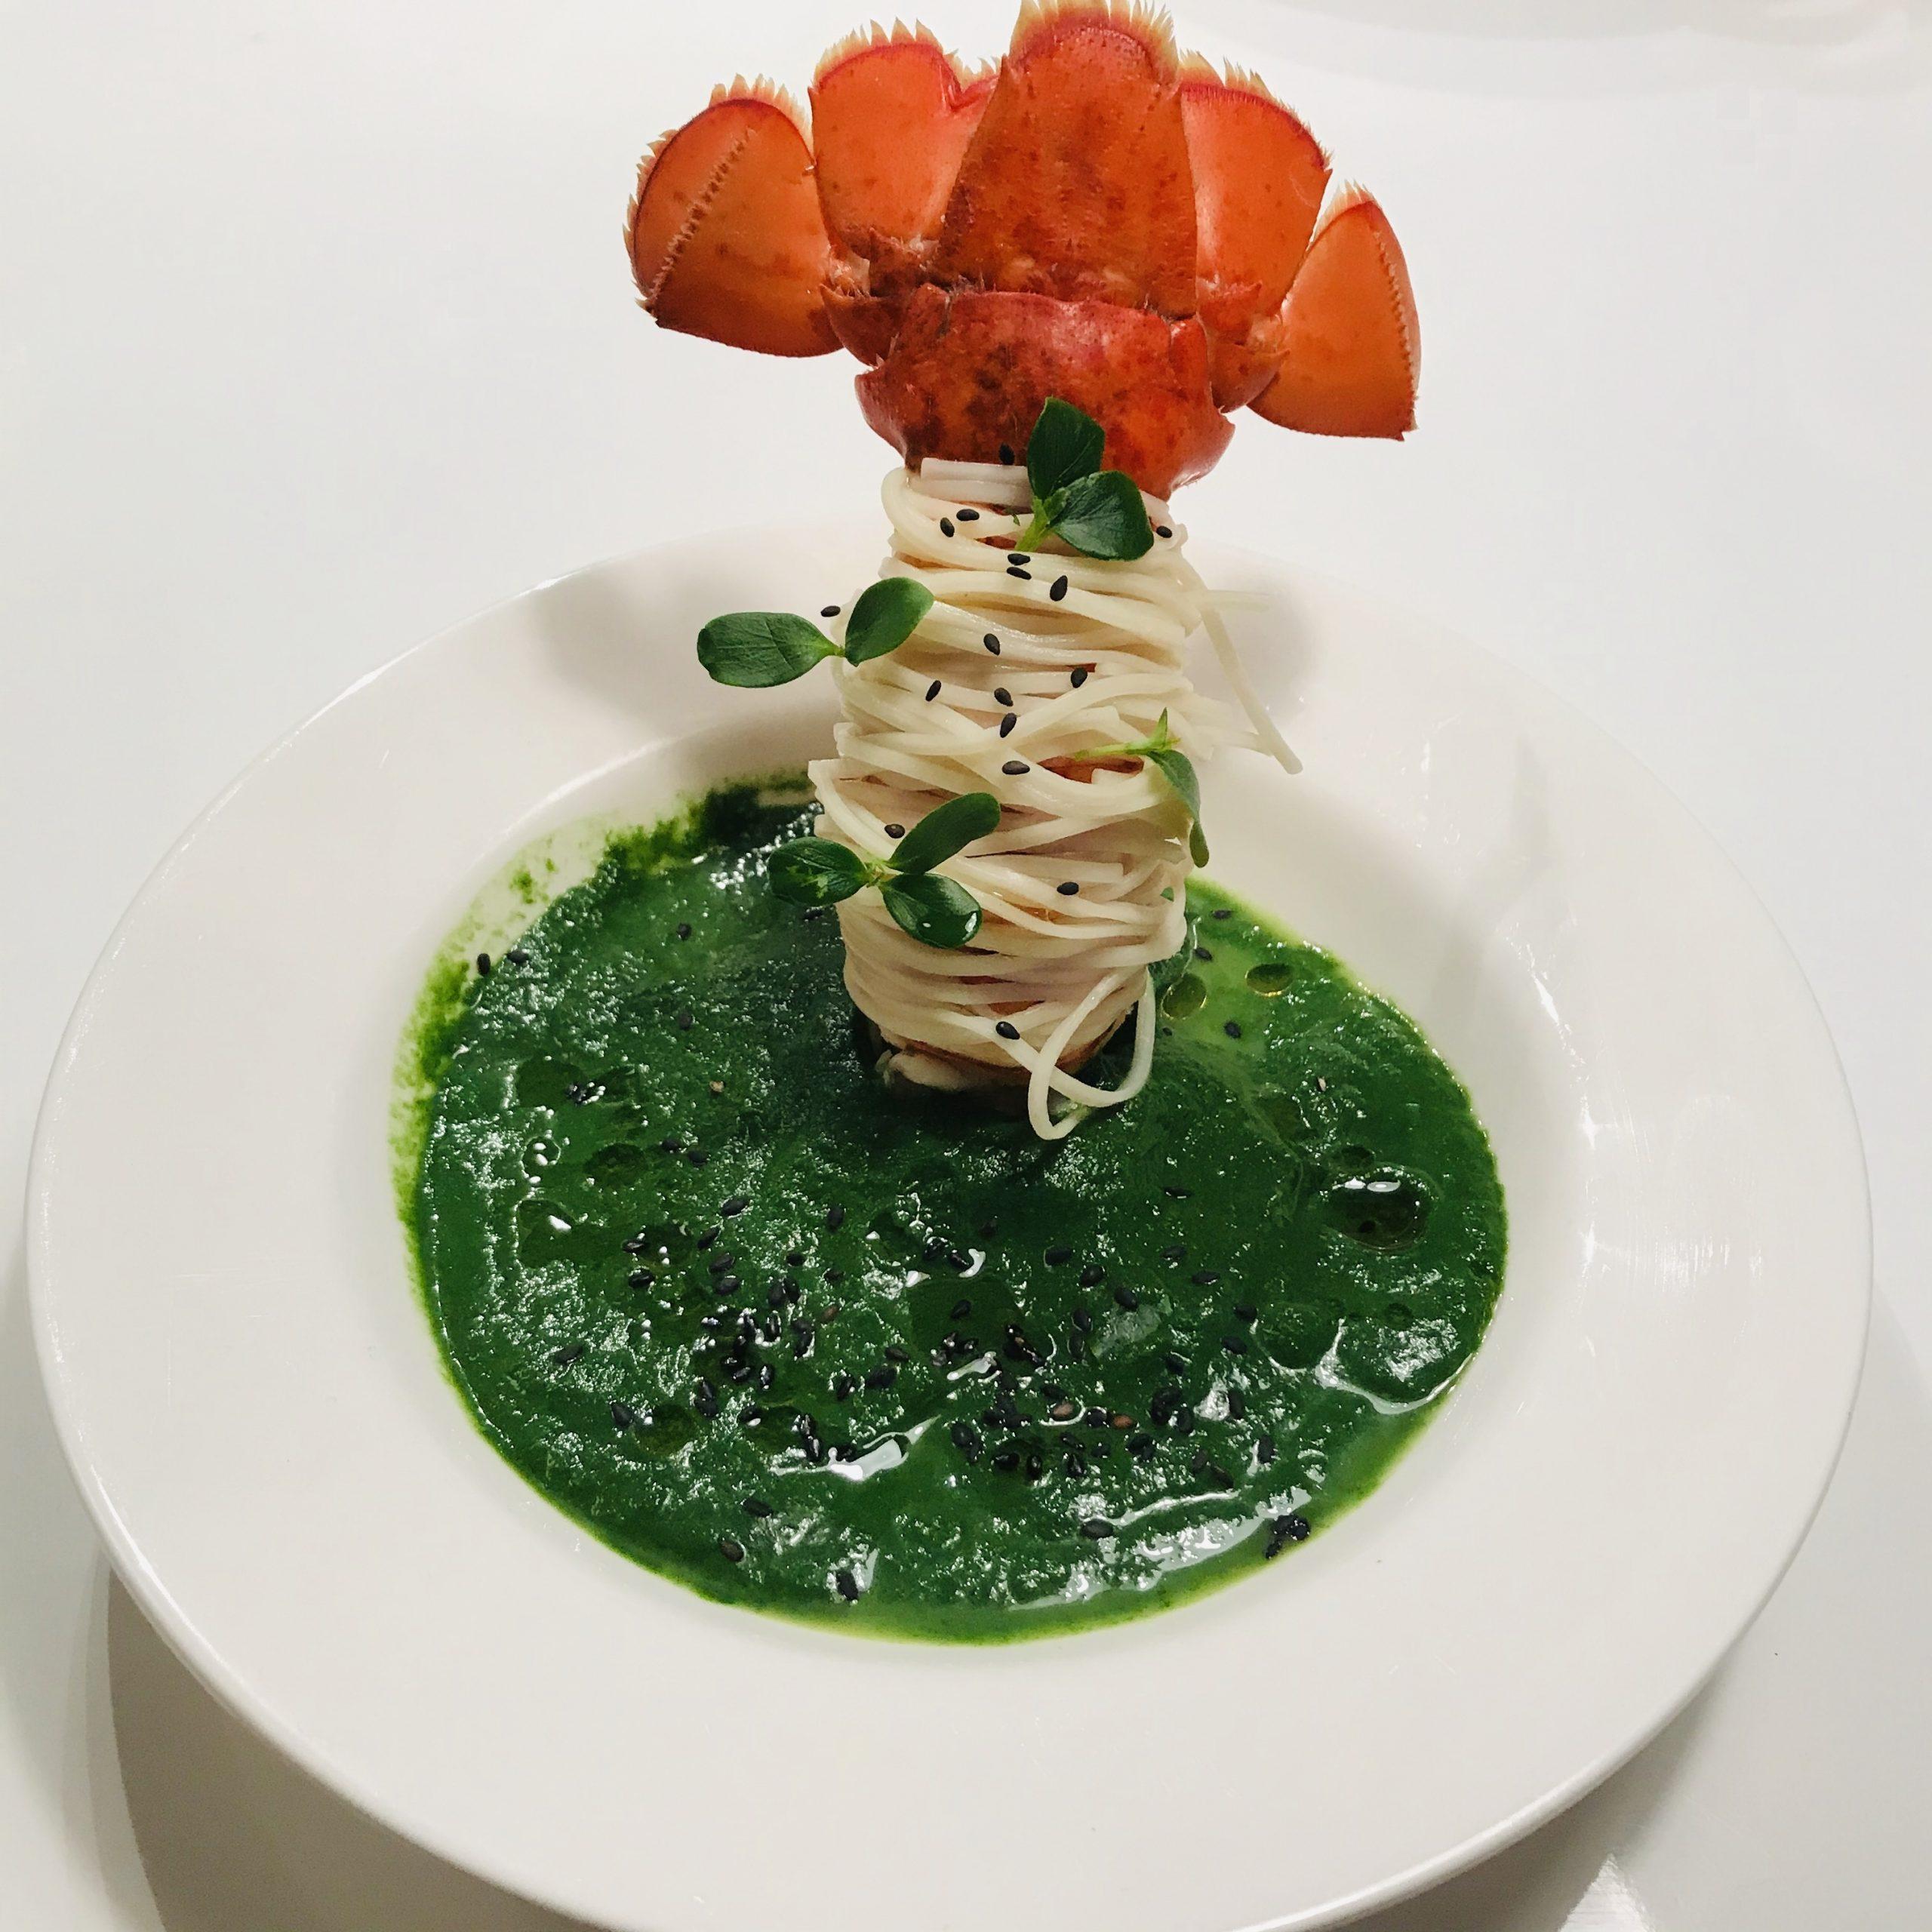 Kreeftenstaart in spinaziesaus